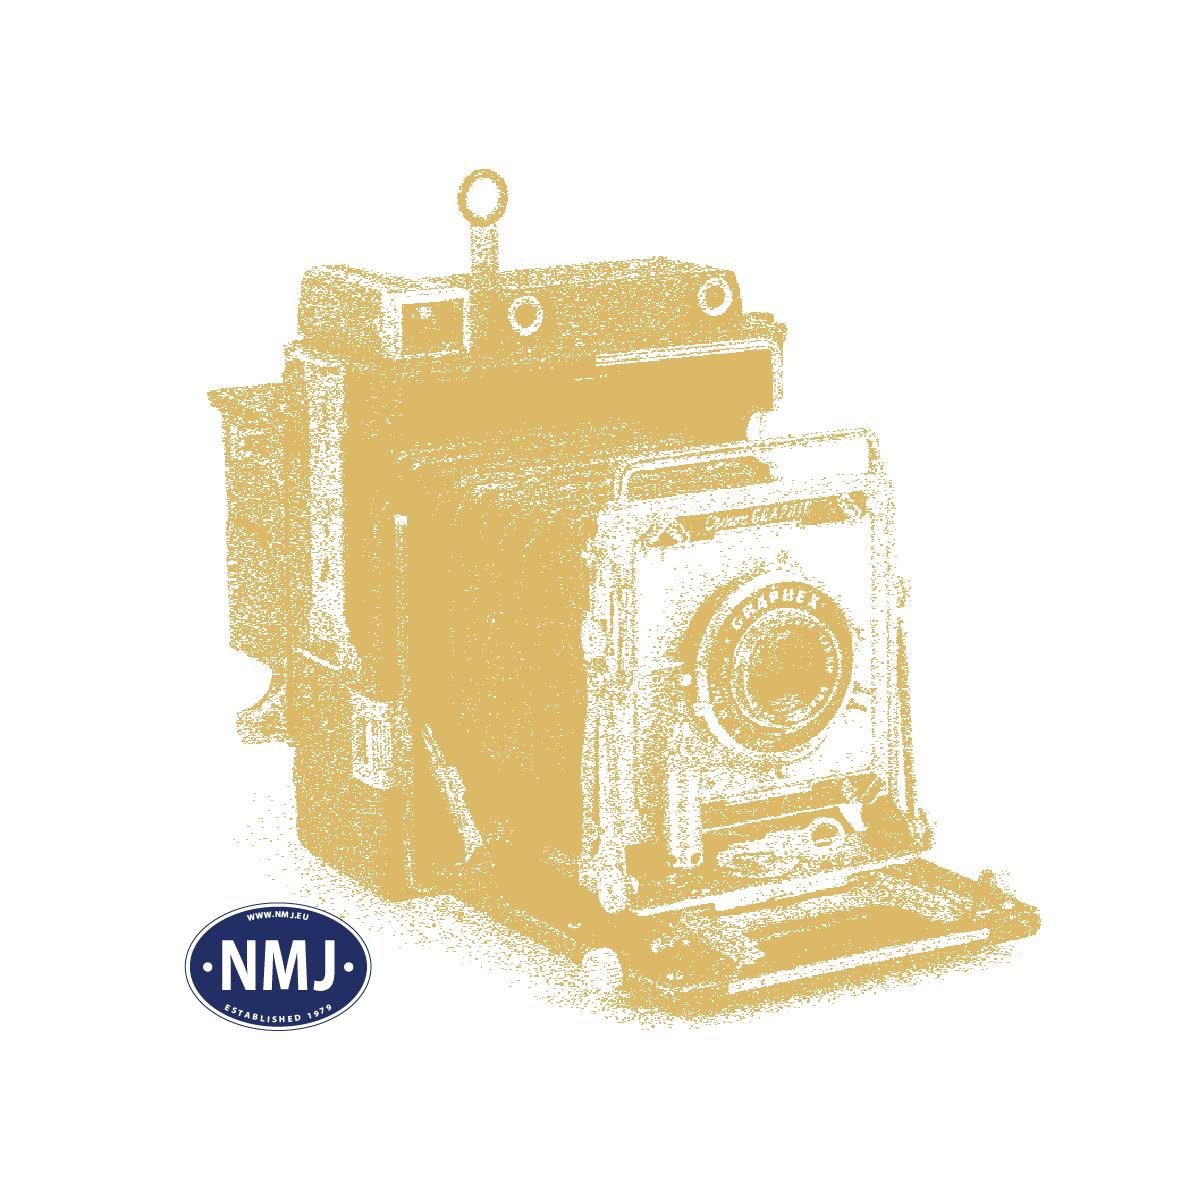 NJKPS183 - På Sporet nr 183, blad